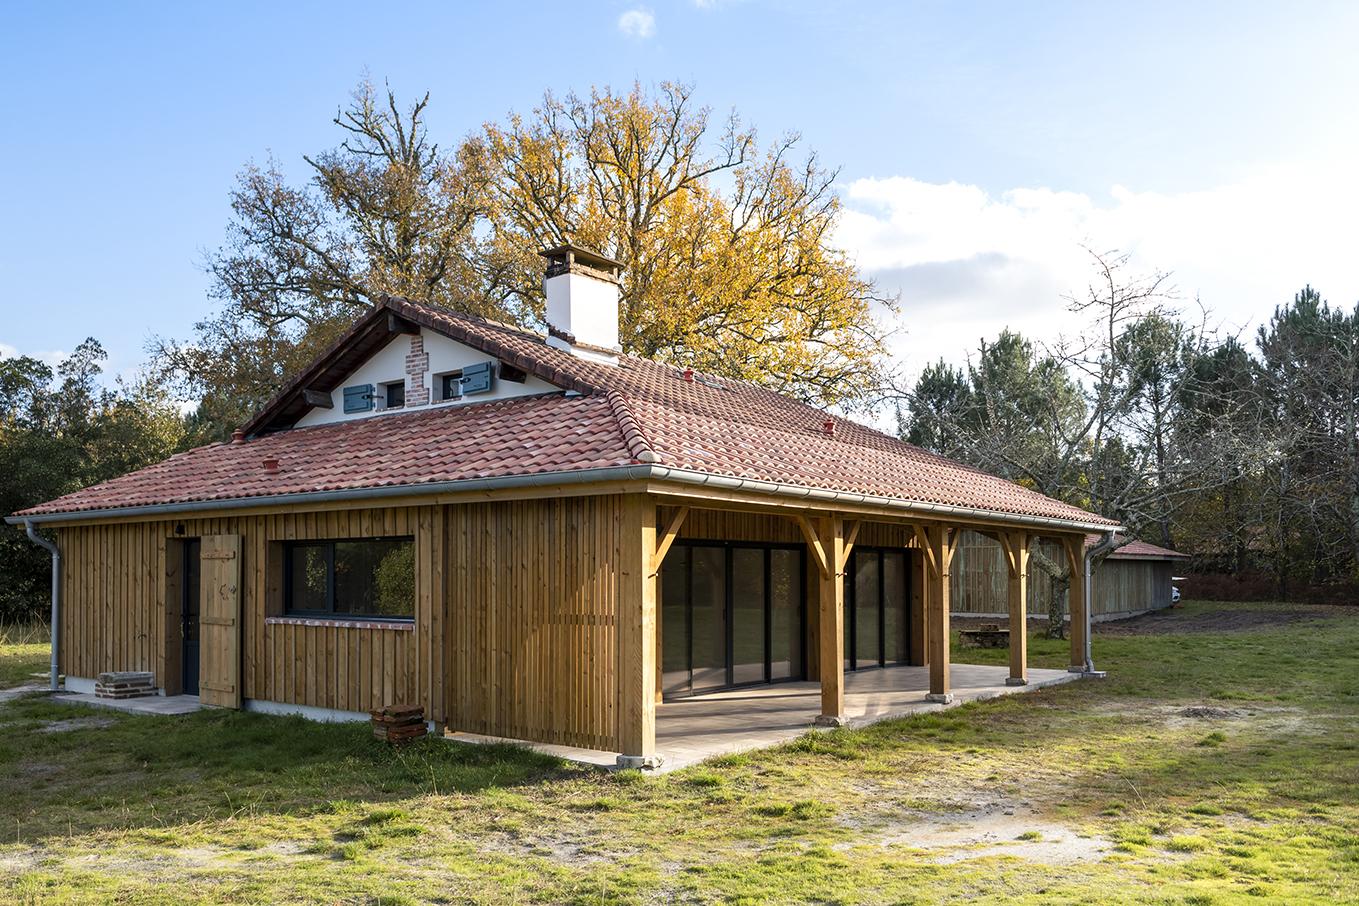 Lalaarchitectes_Landes_Rénovation_facademiseenvaleur_briquette_Auventbois